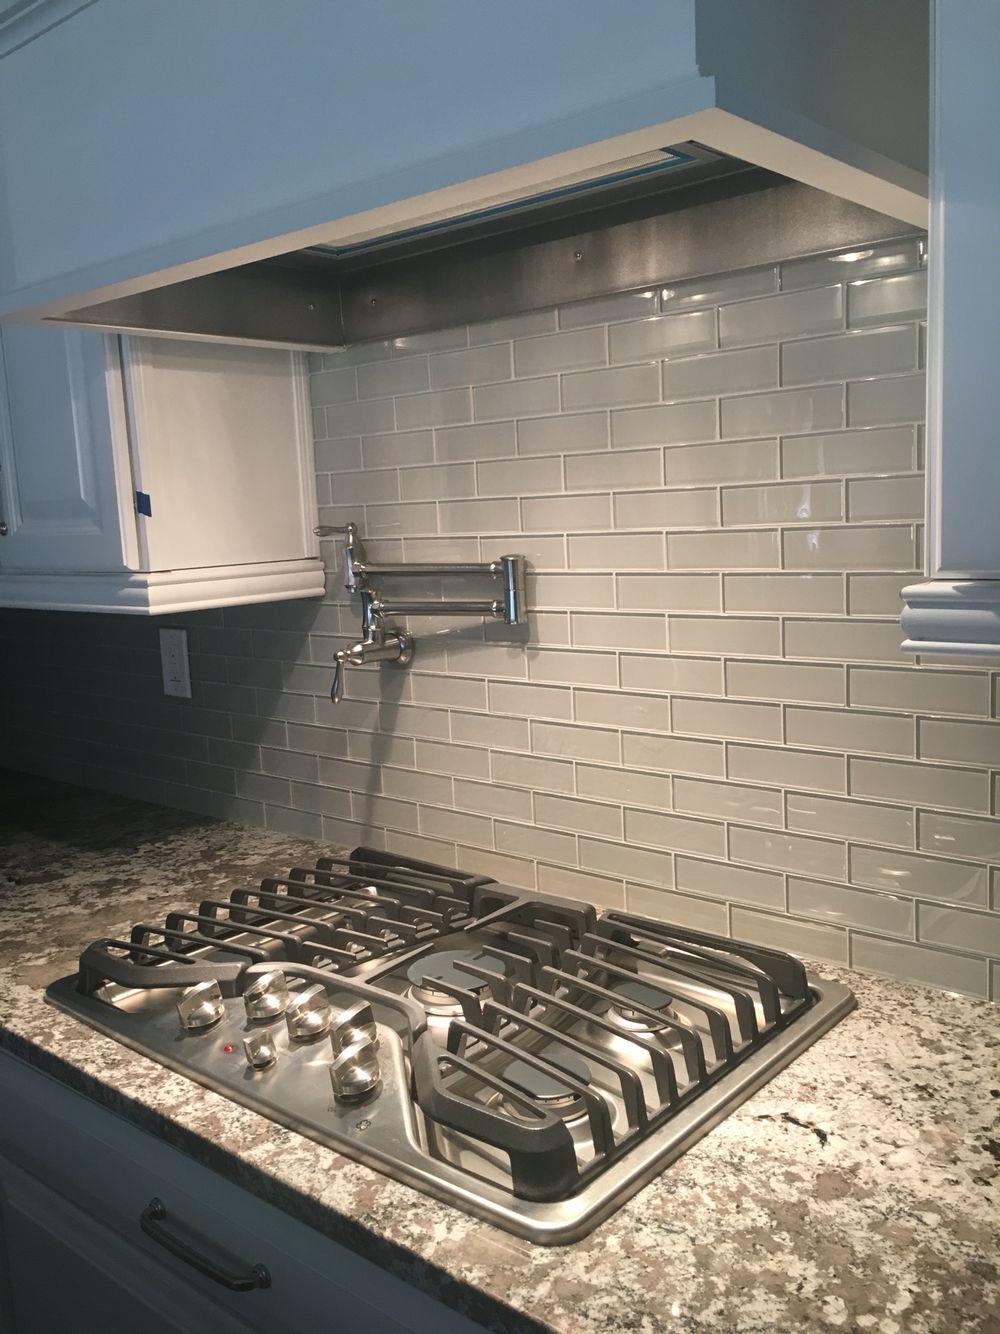 mist glass tile backsplash